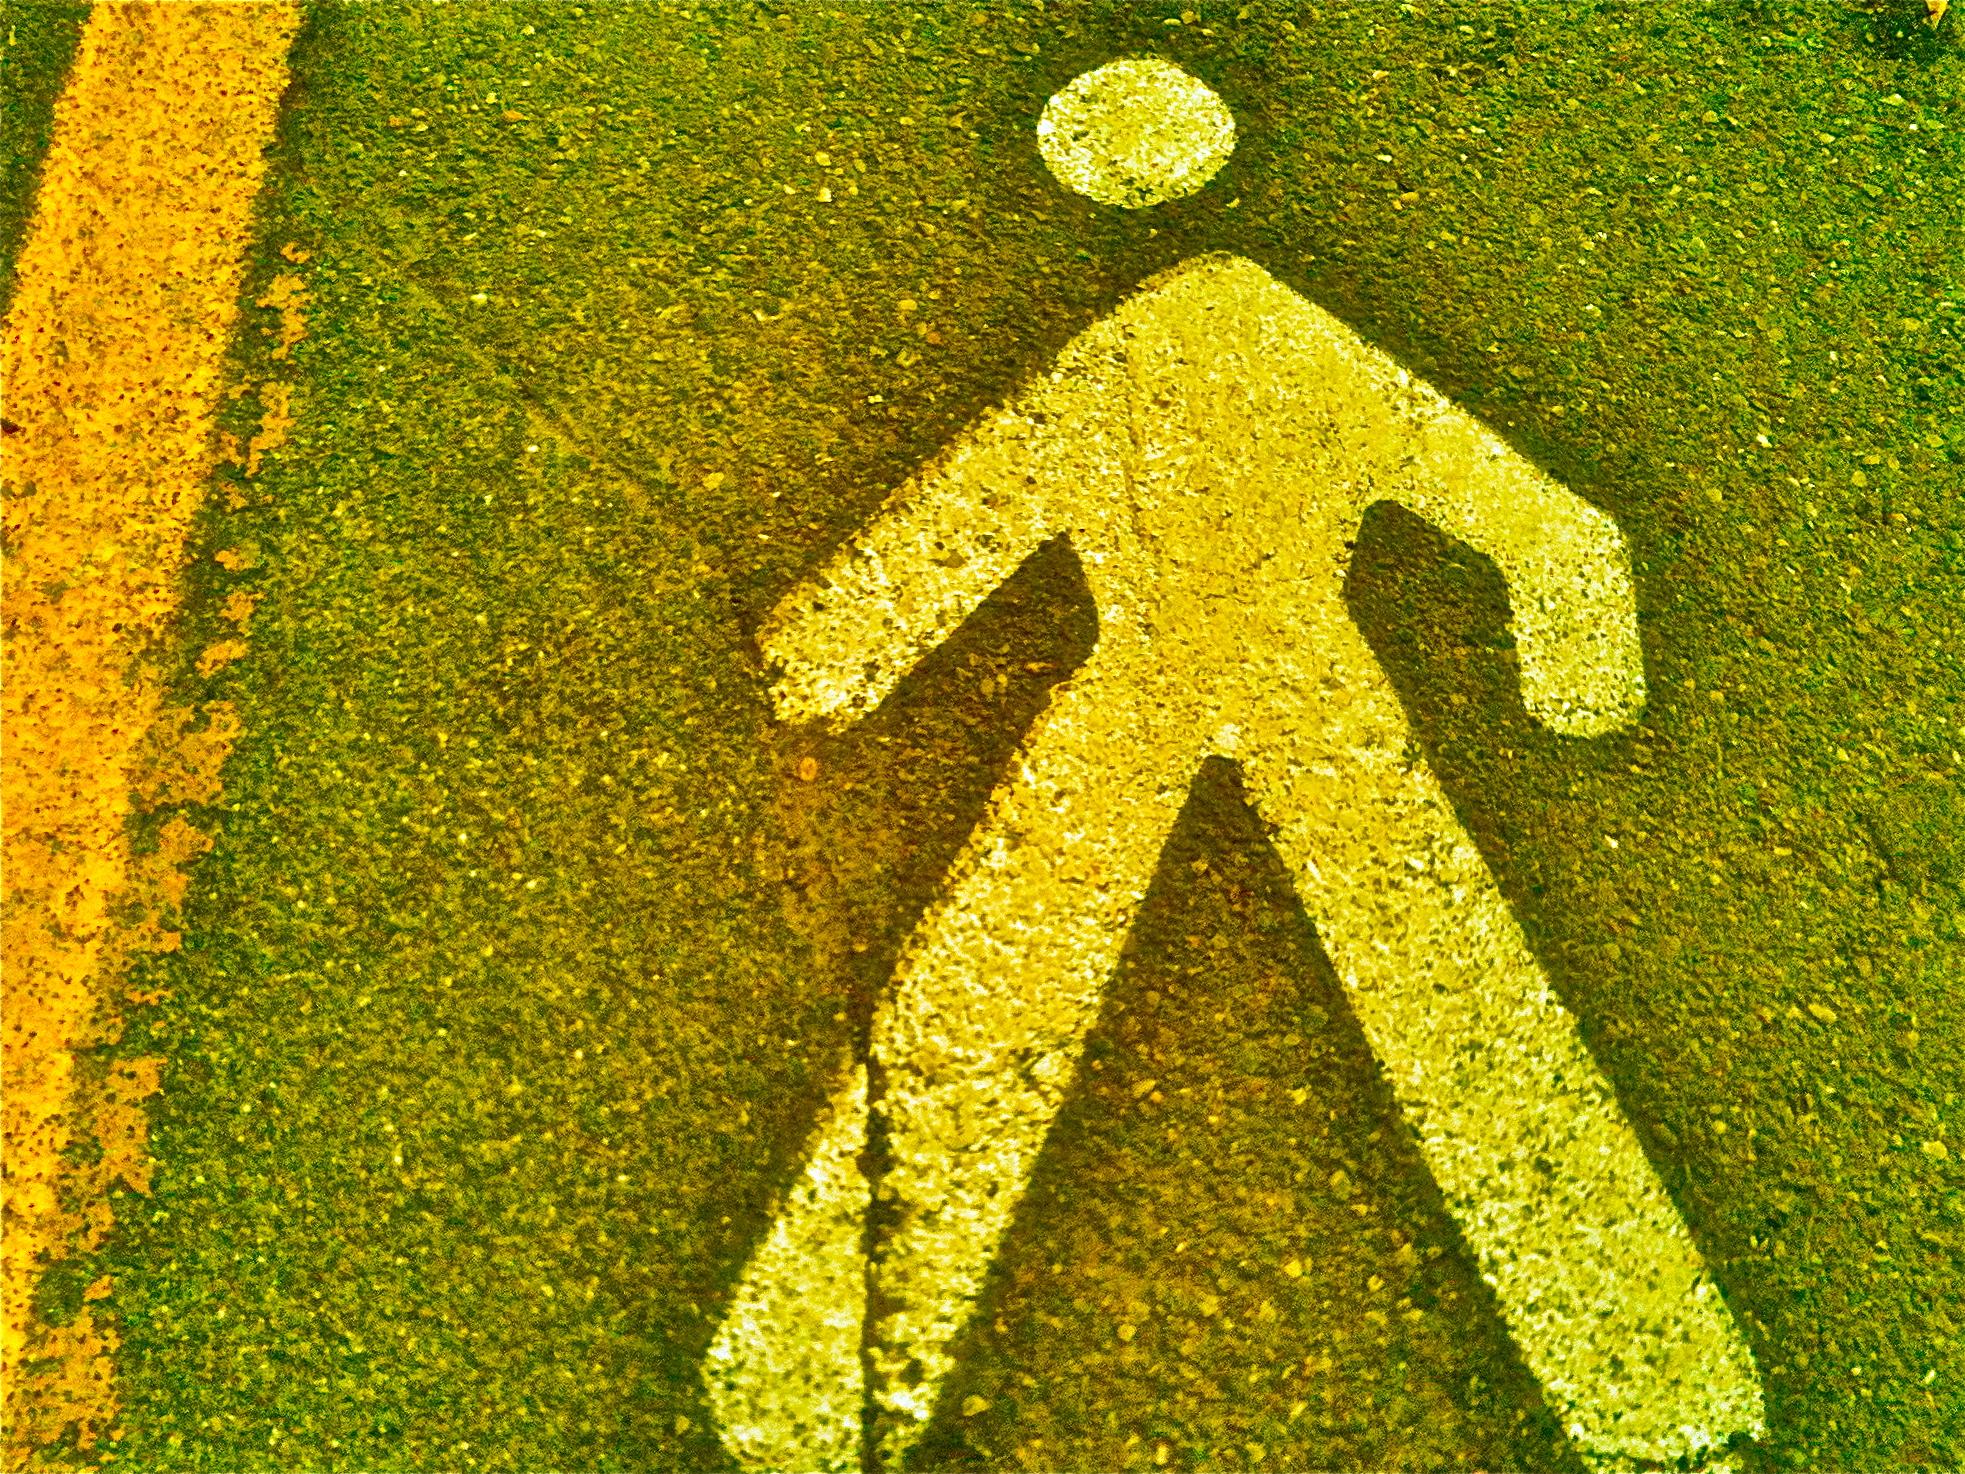 Walk. Mozzanica (BG), Novembre 2011